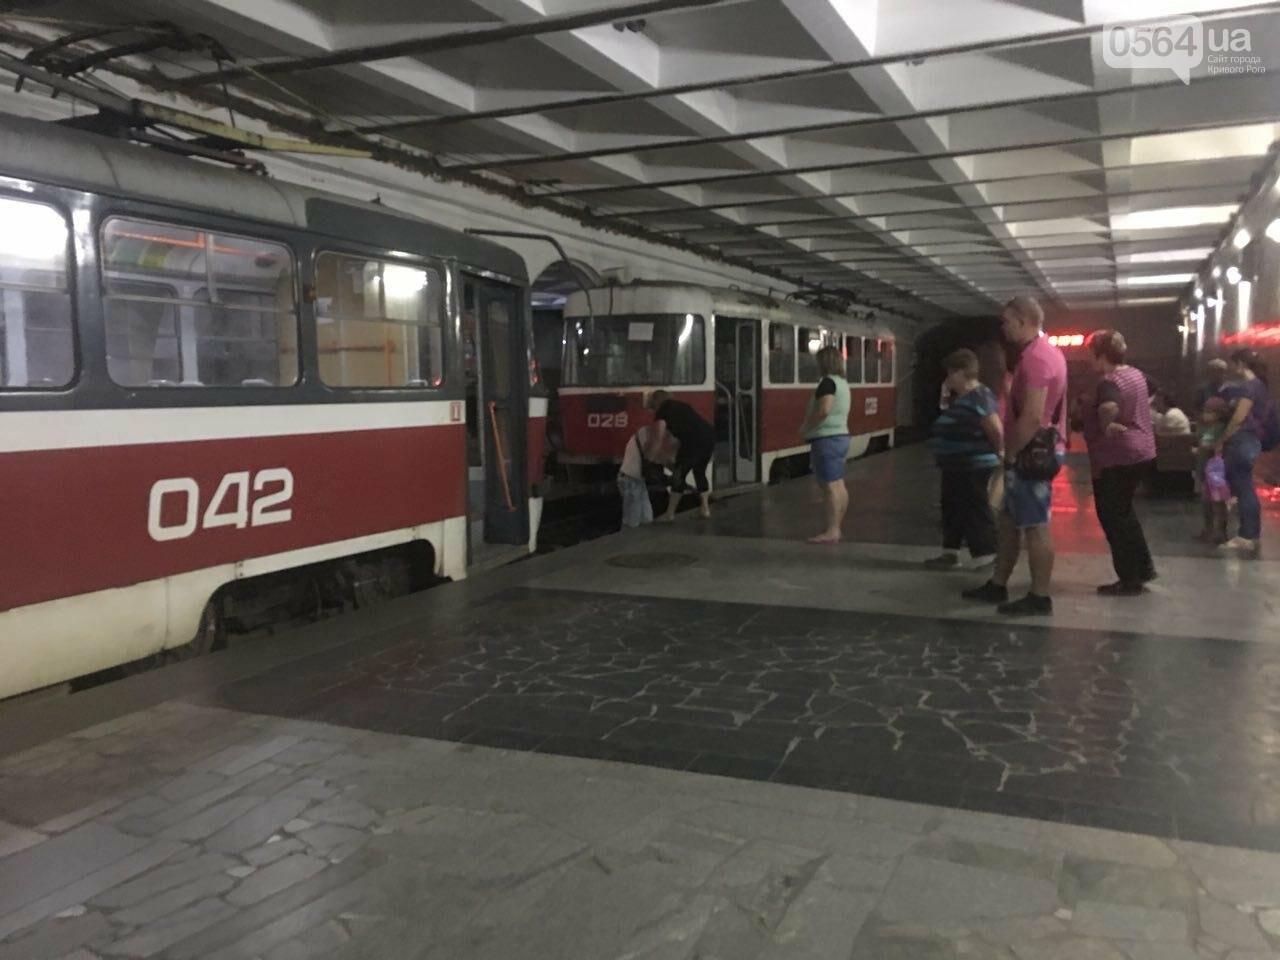 Ни дня без поломки: Маршрут скоростного трамвая снова заблокировали неисправные вагоны, - ФОТО, фото-5